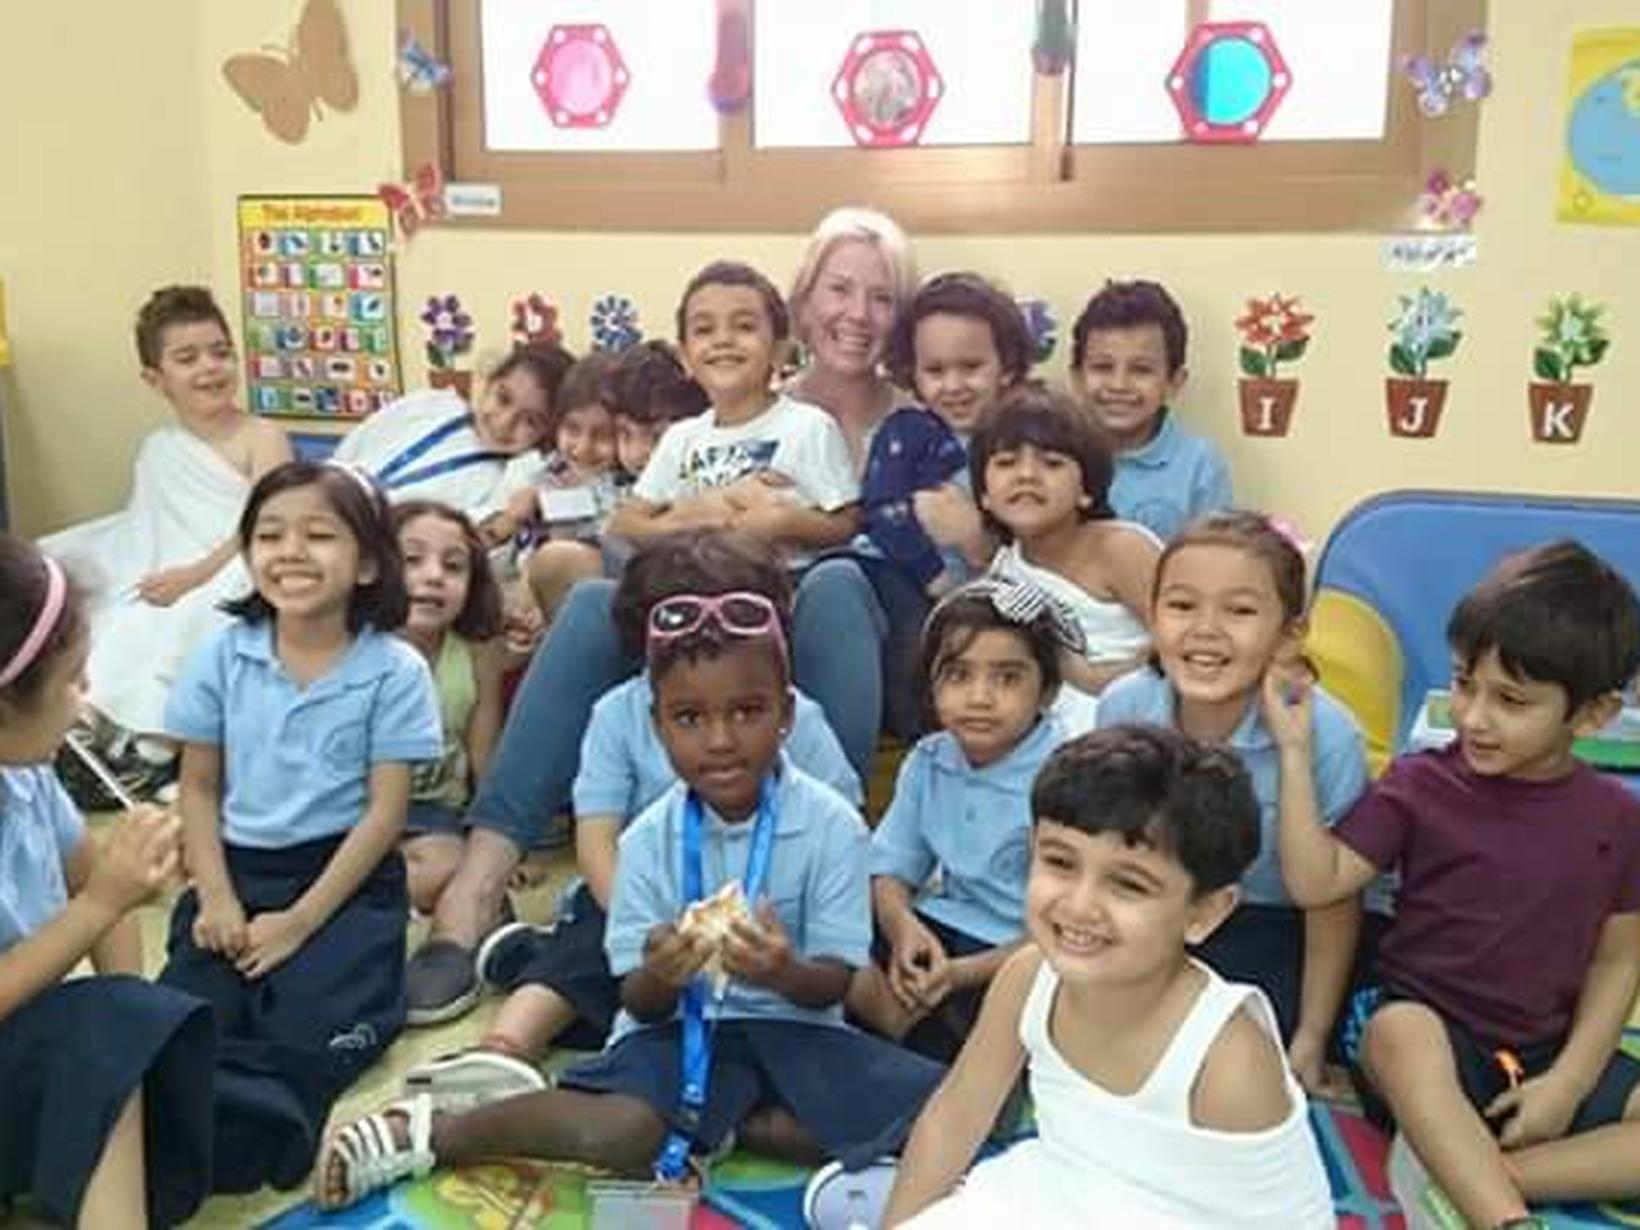 Melanie from Kuwait City, Kuwait